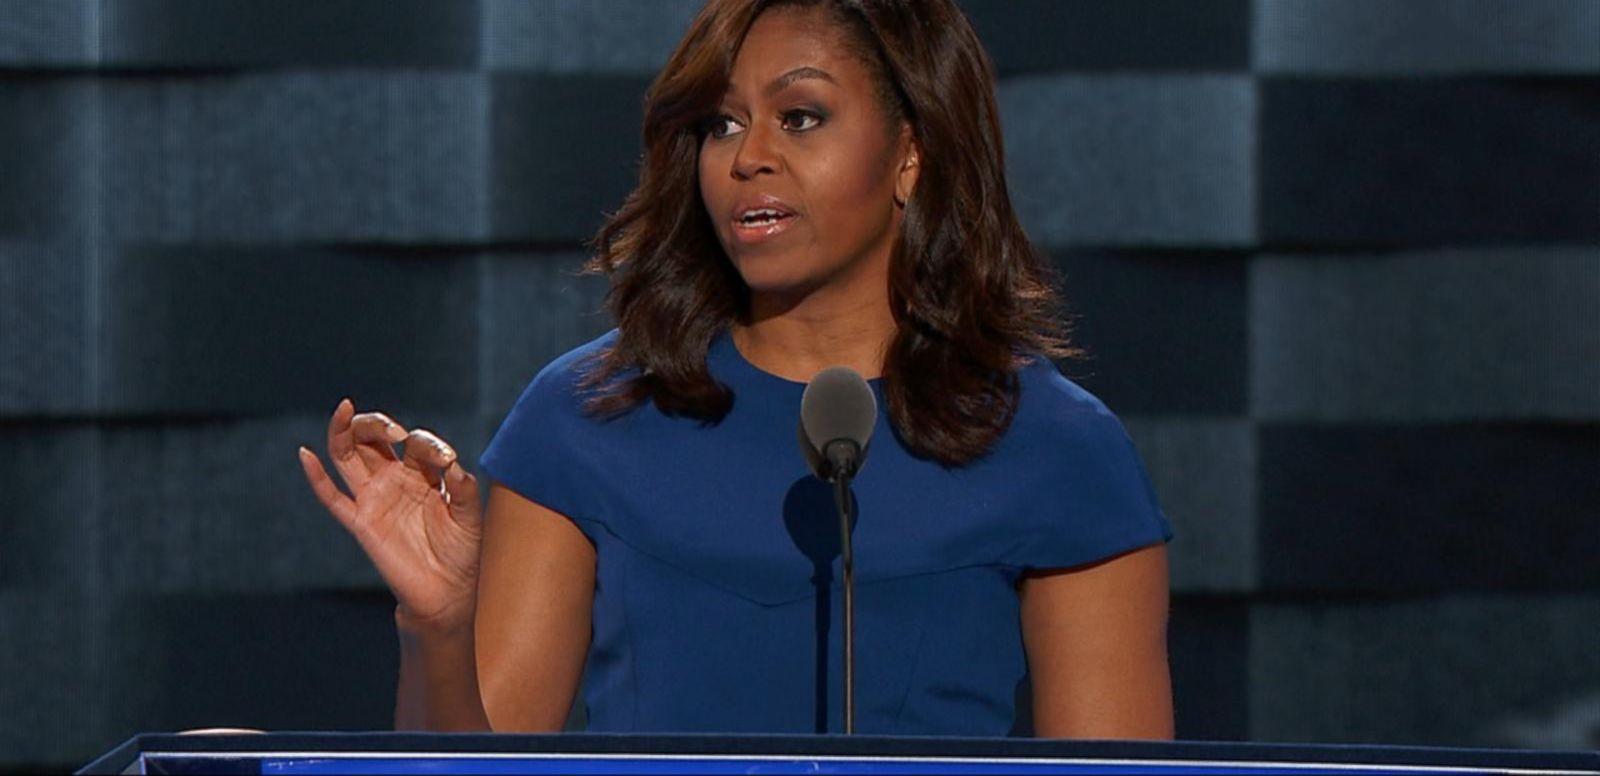 Michelle Obama, Bernie Sanders Speak at DNC After Rocky Start